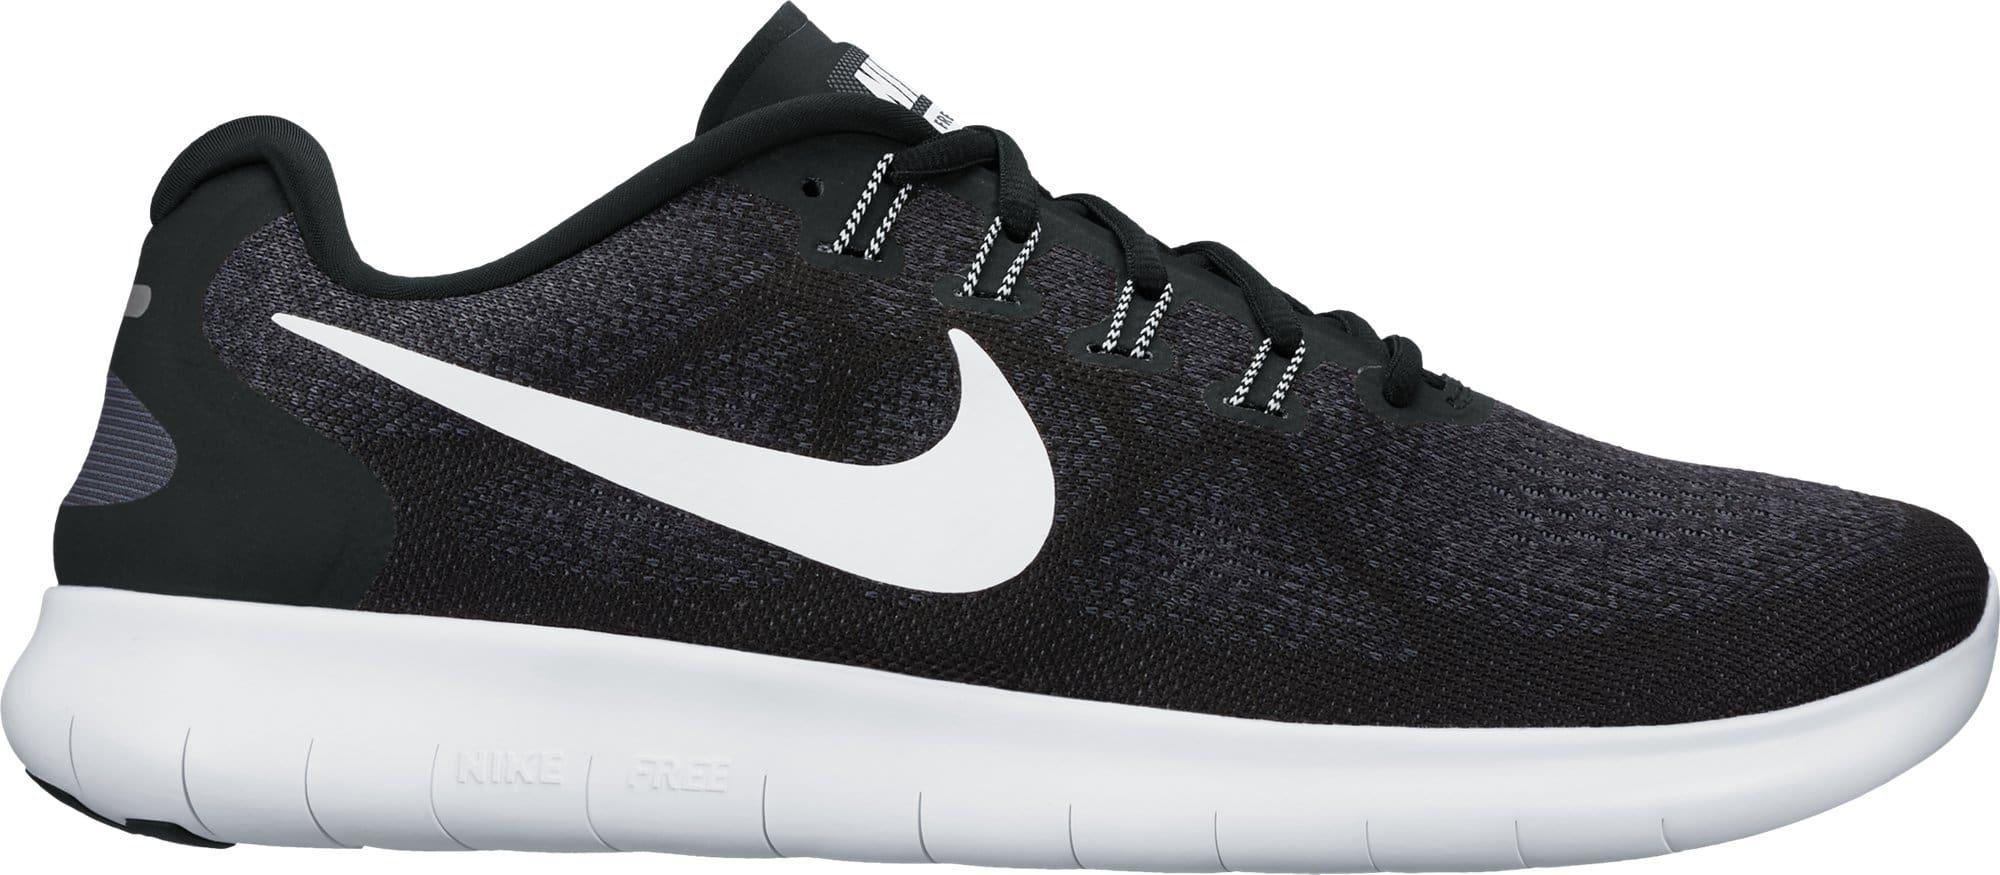 Nike Free Run 2 Scarpa da uomo per il tempo libero